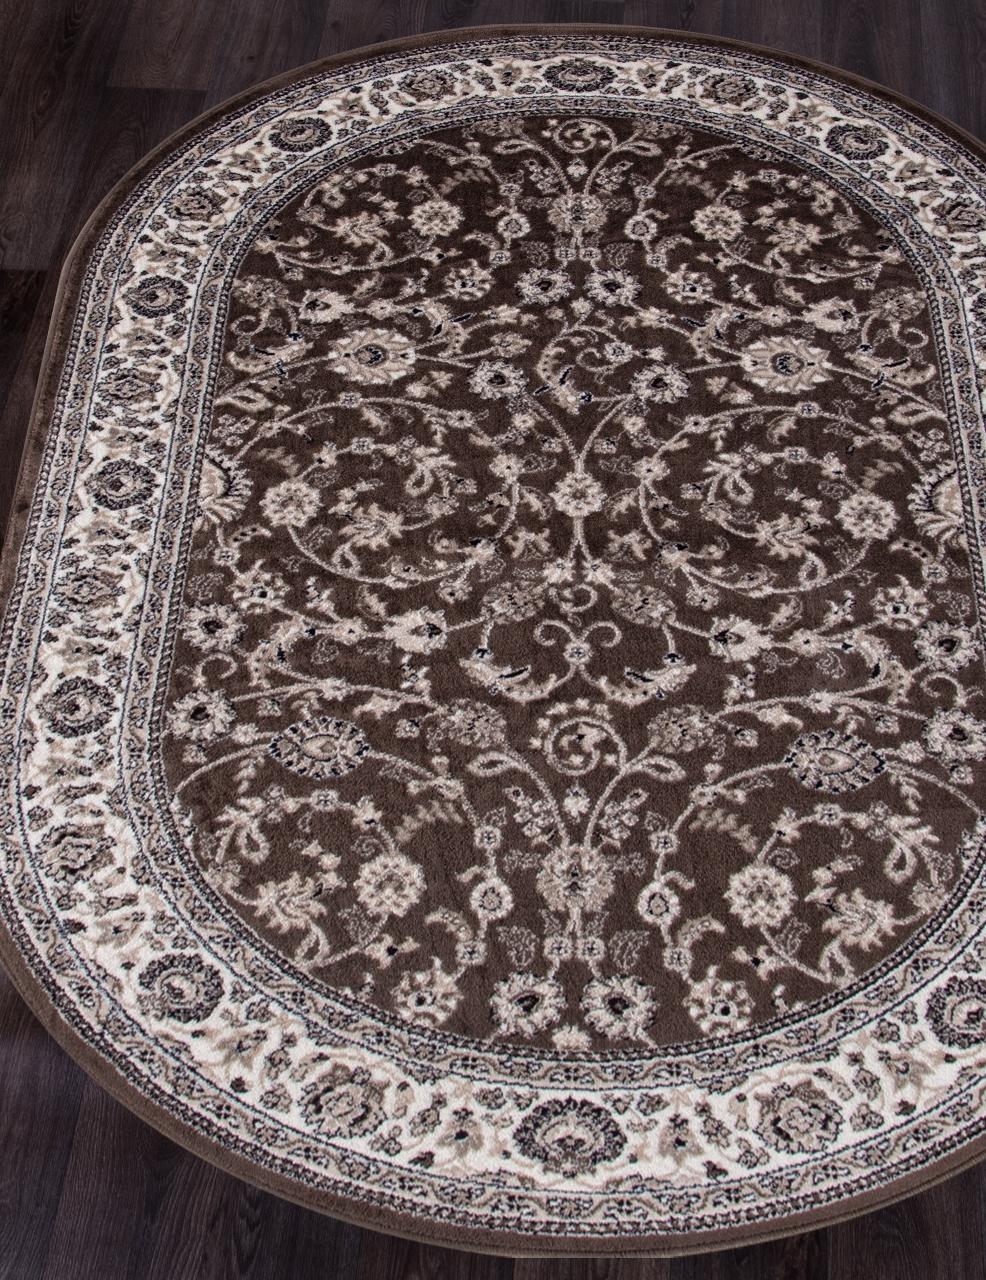 Ковер d251 - BROWN - Овал - коллекция VALENCIA DELUXE - фото 1